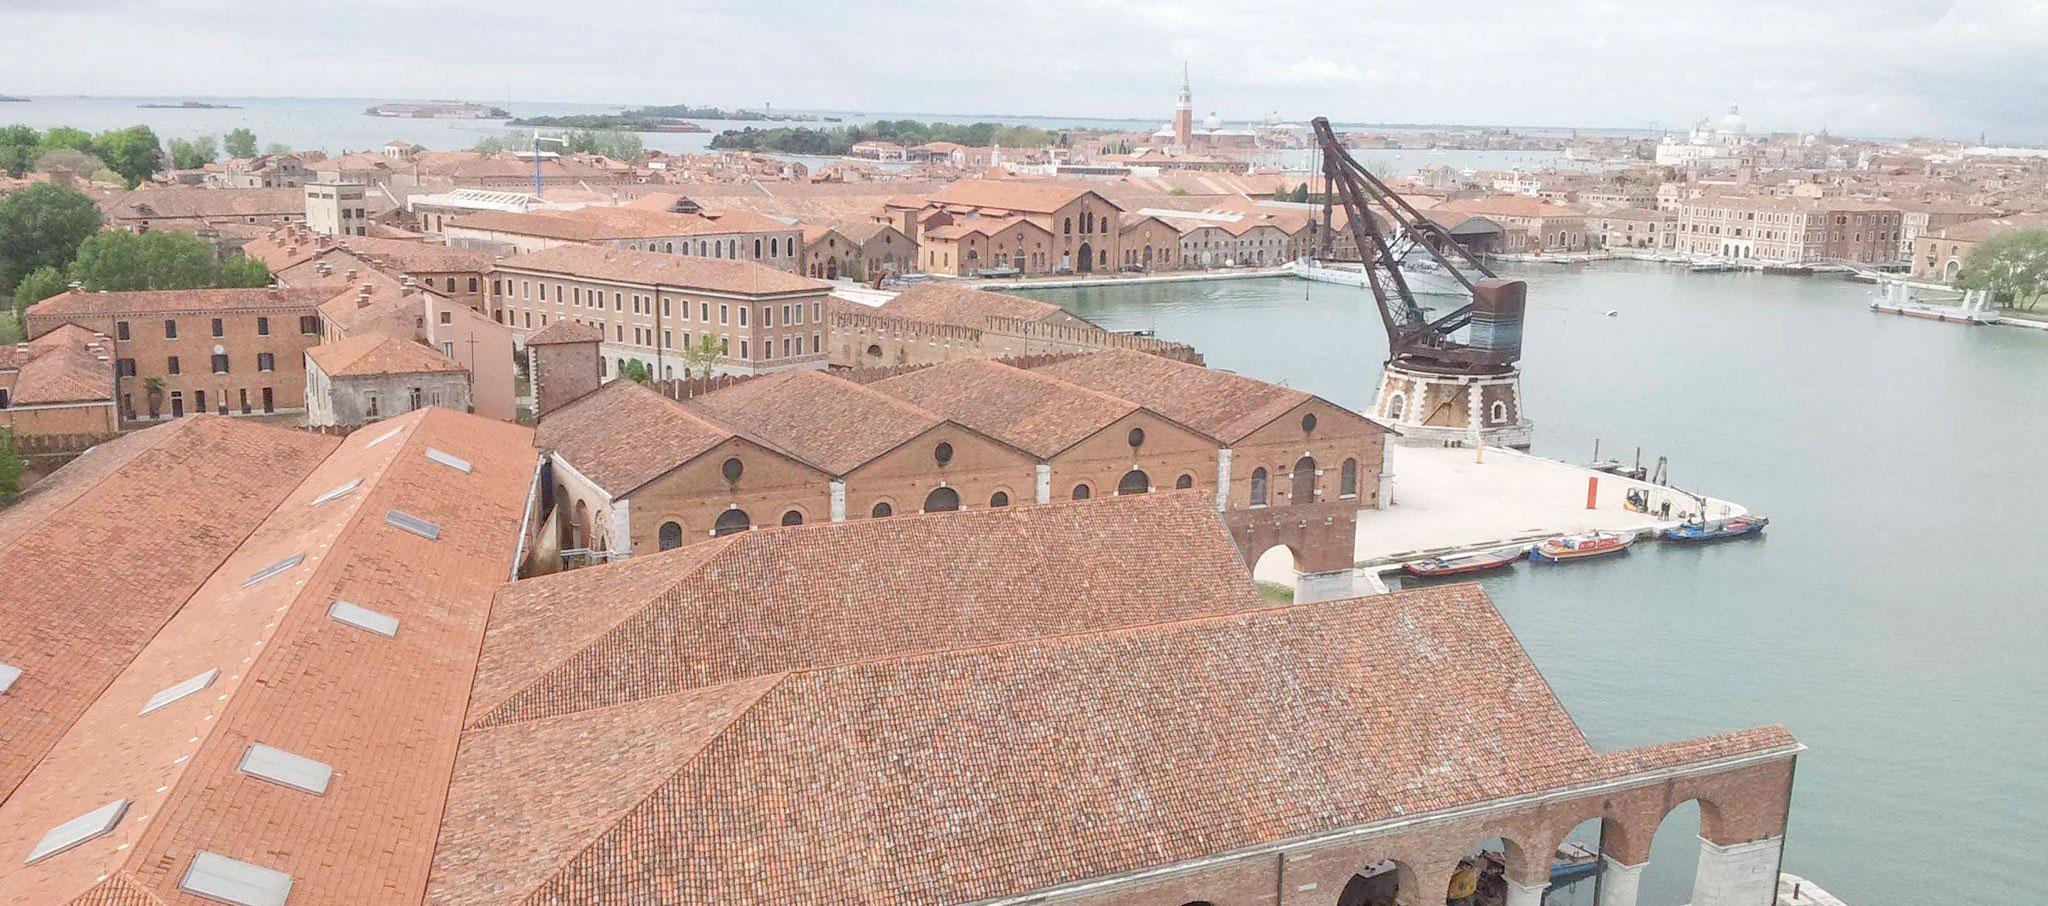 Visión general Arsenale. Fotografía de Andrea Avezzú. Imagen cortesía de La Biennale di Venezia